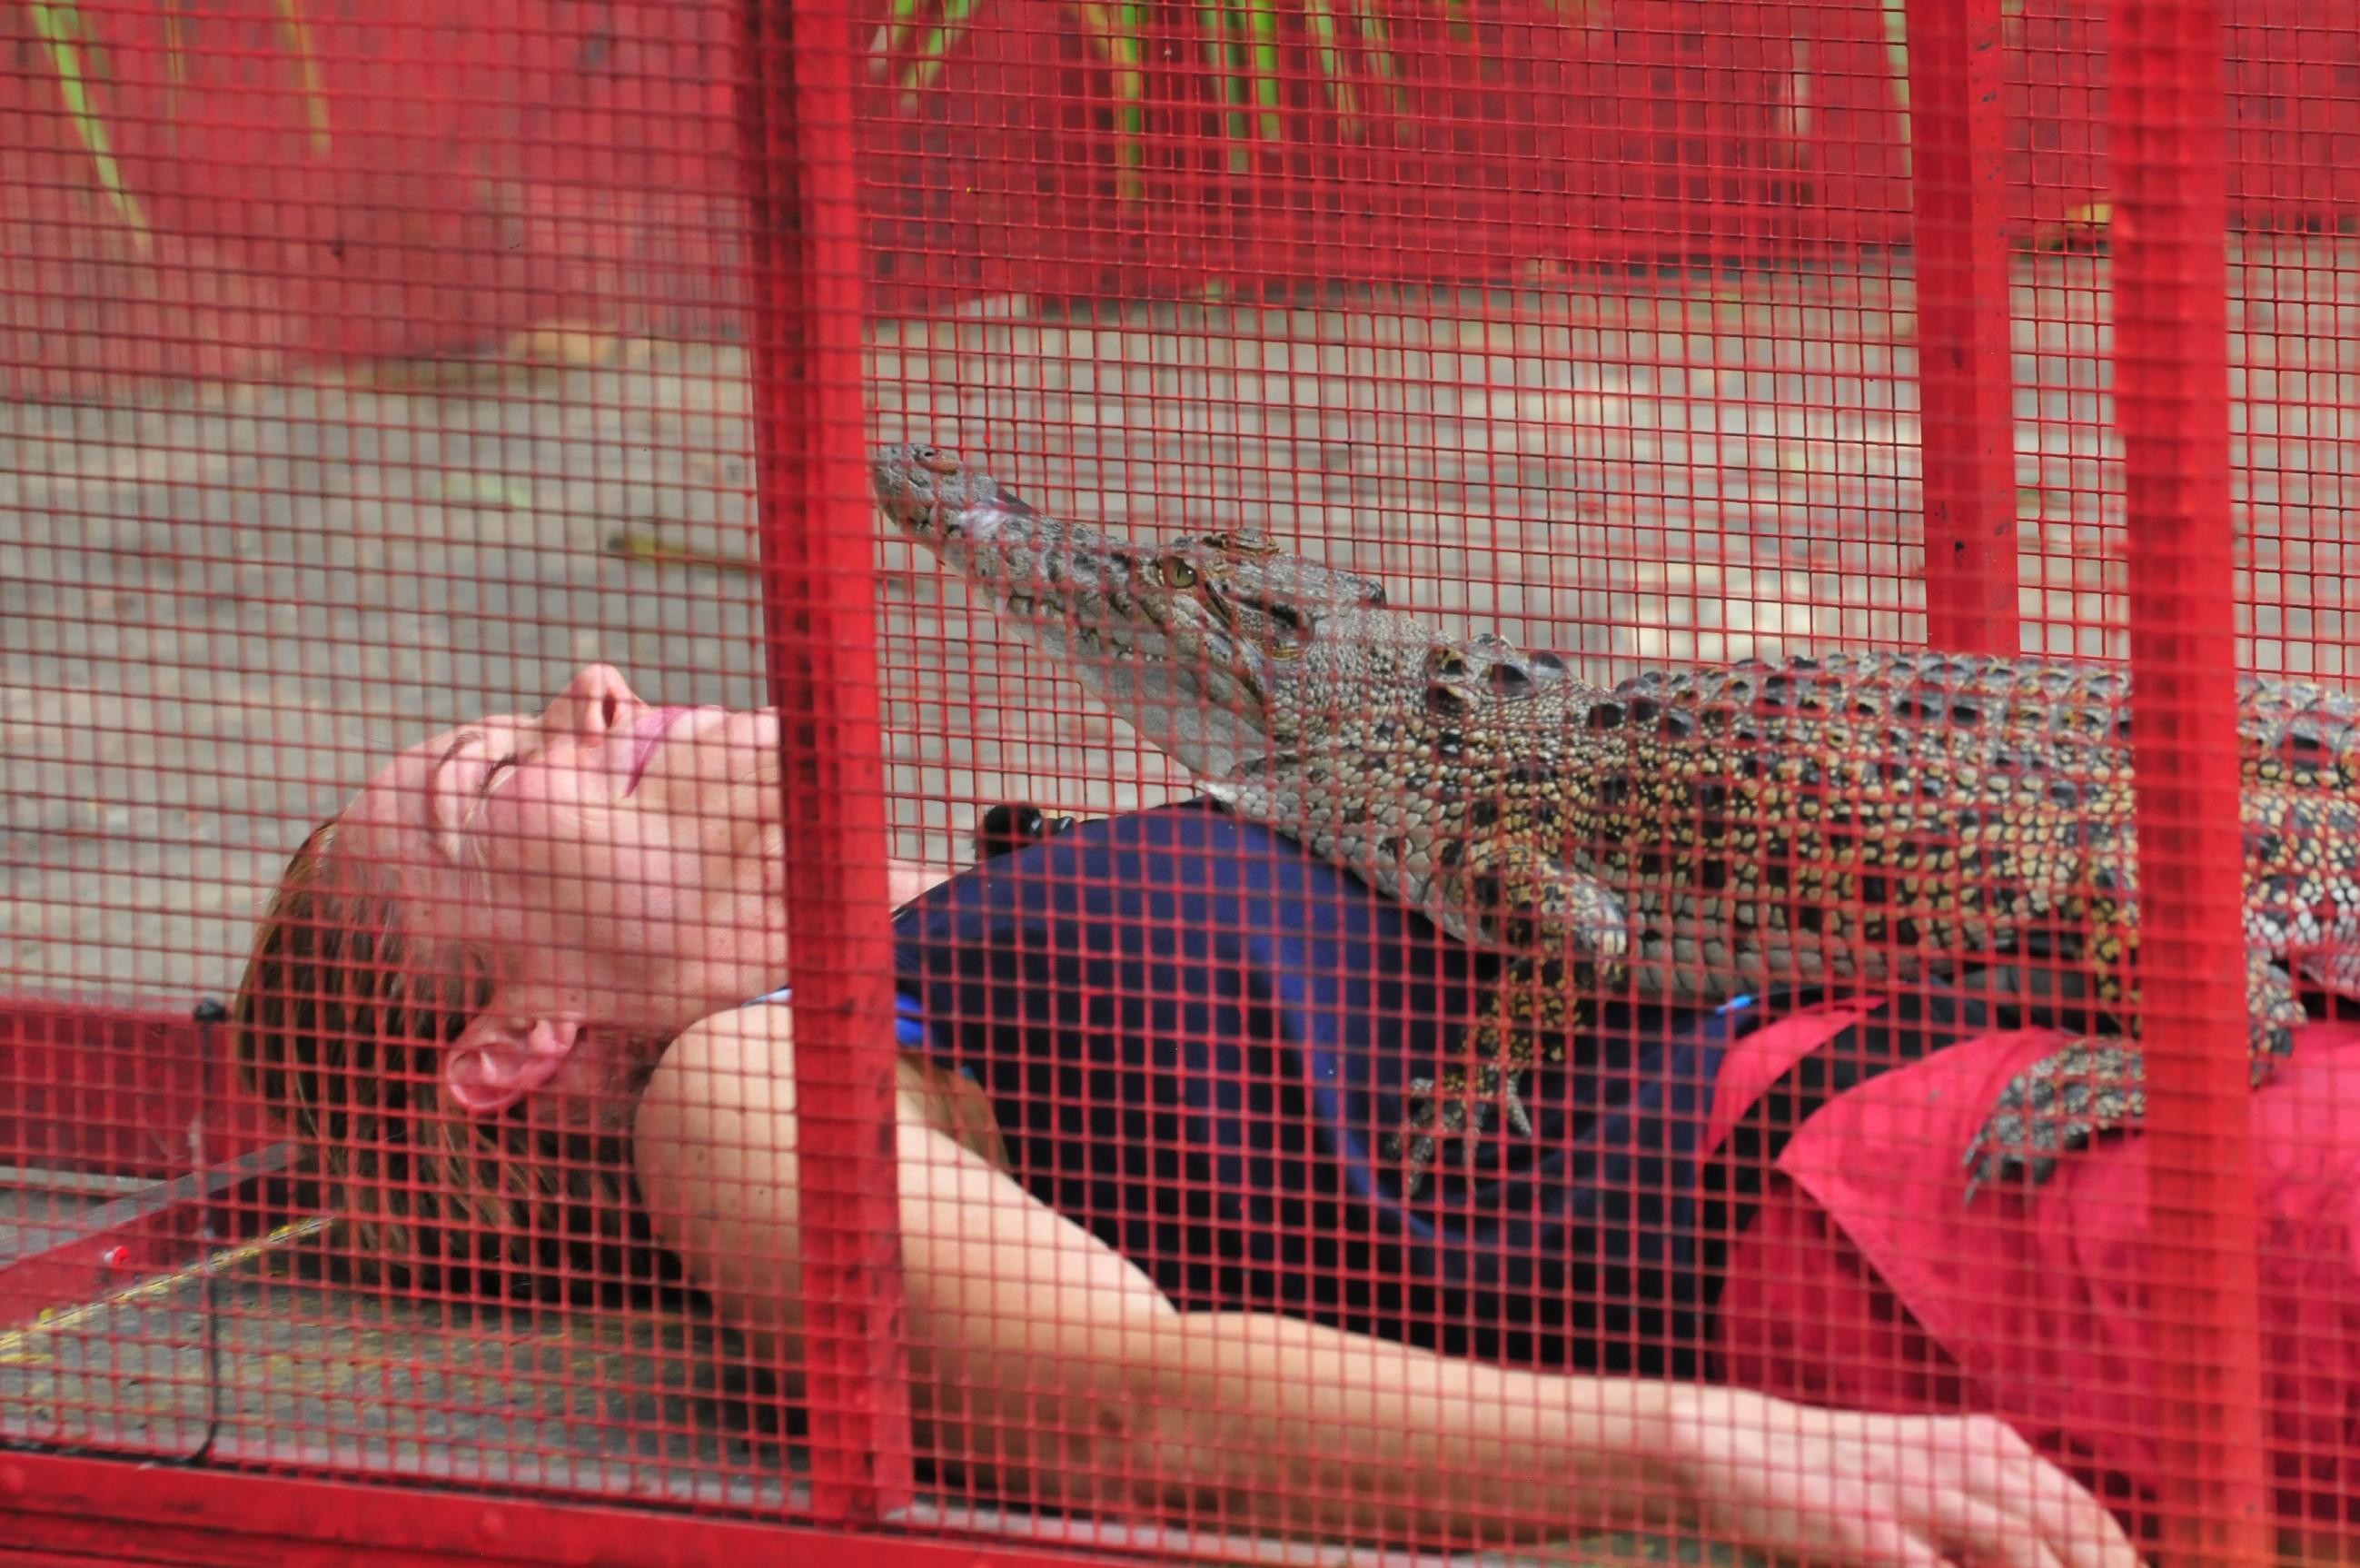 Doreen in der Dschungelprüfung mit Krokodil auf dem Bauch